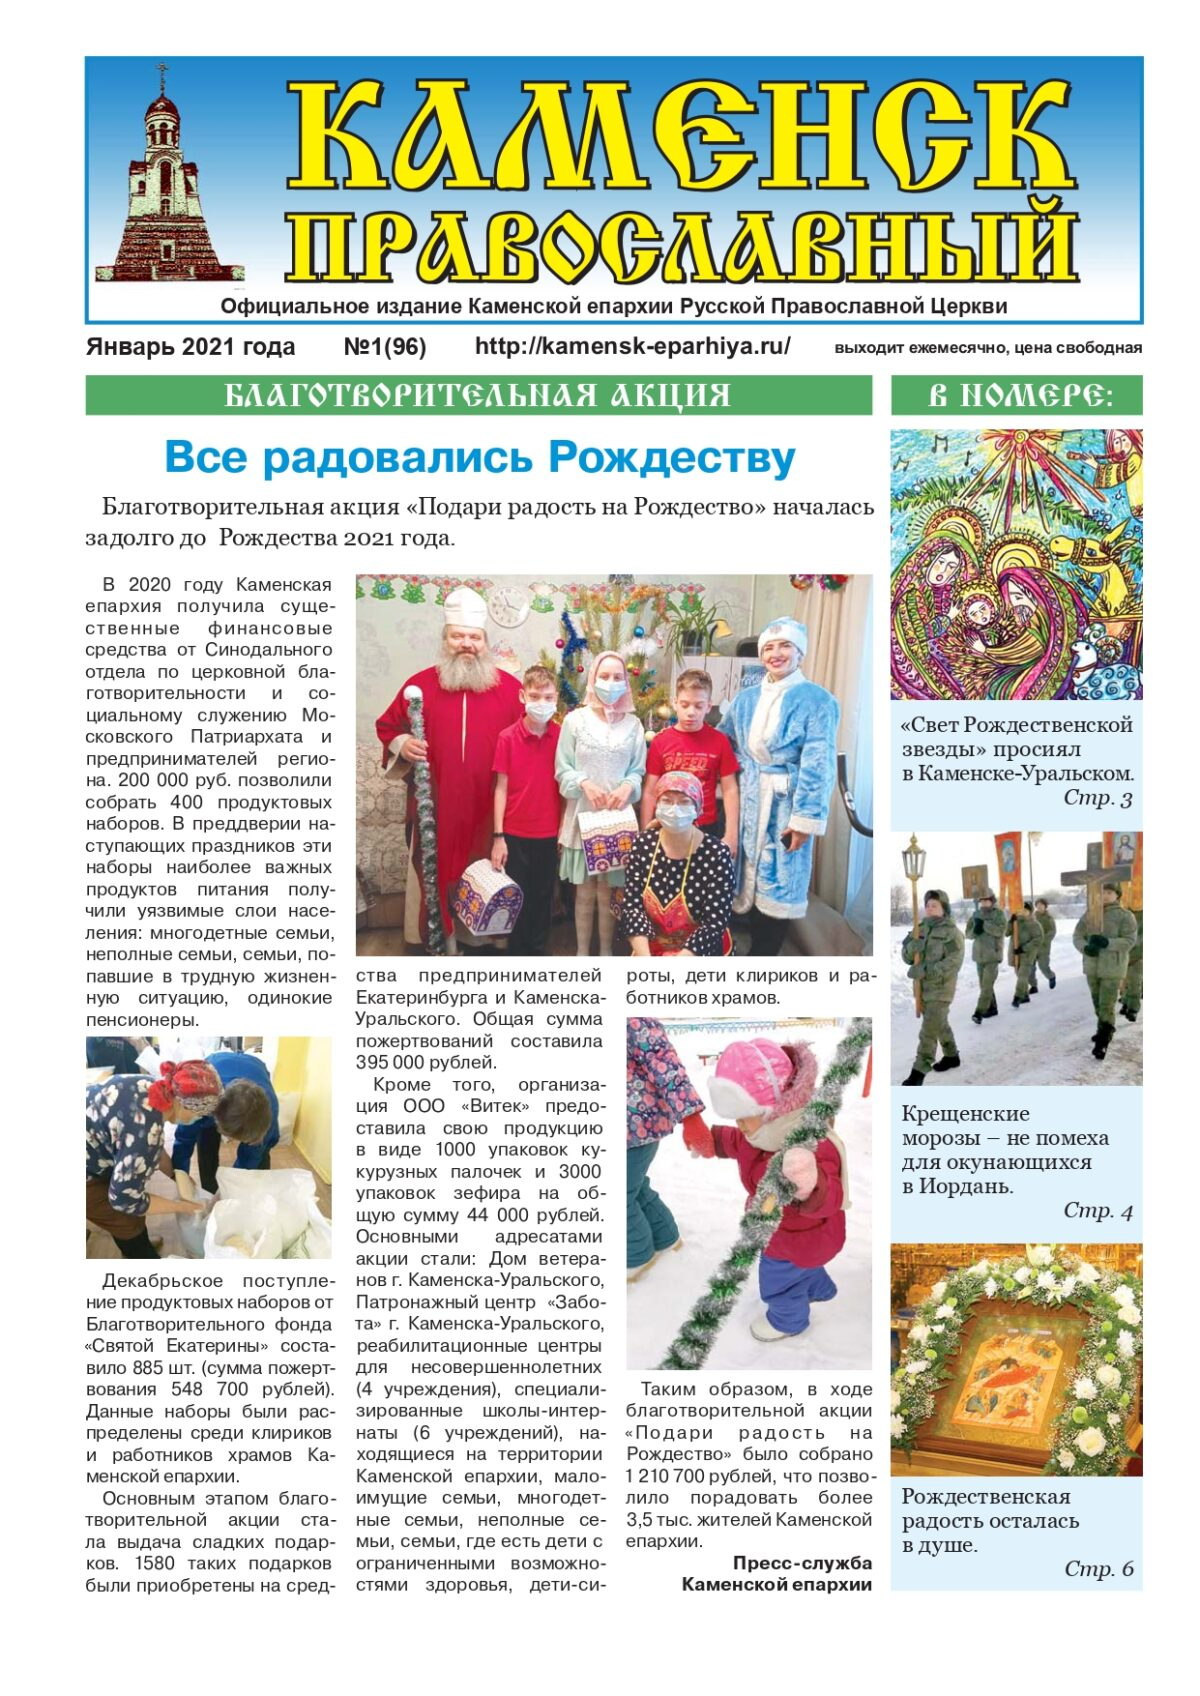 Январский выпуск епархиальной газеты на нашем сайте